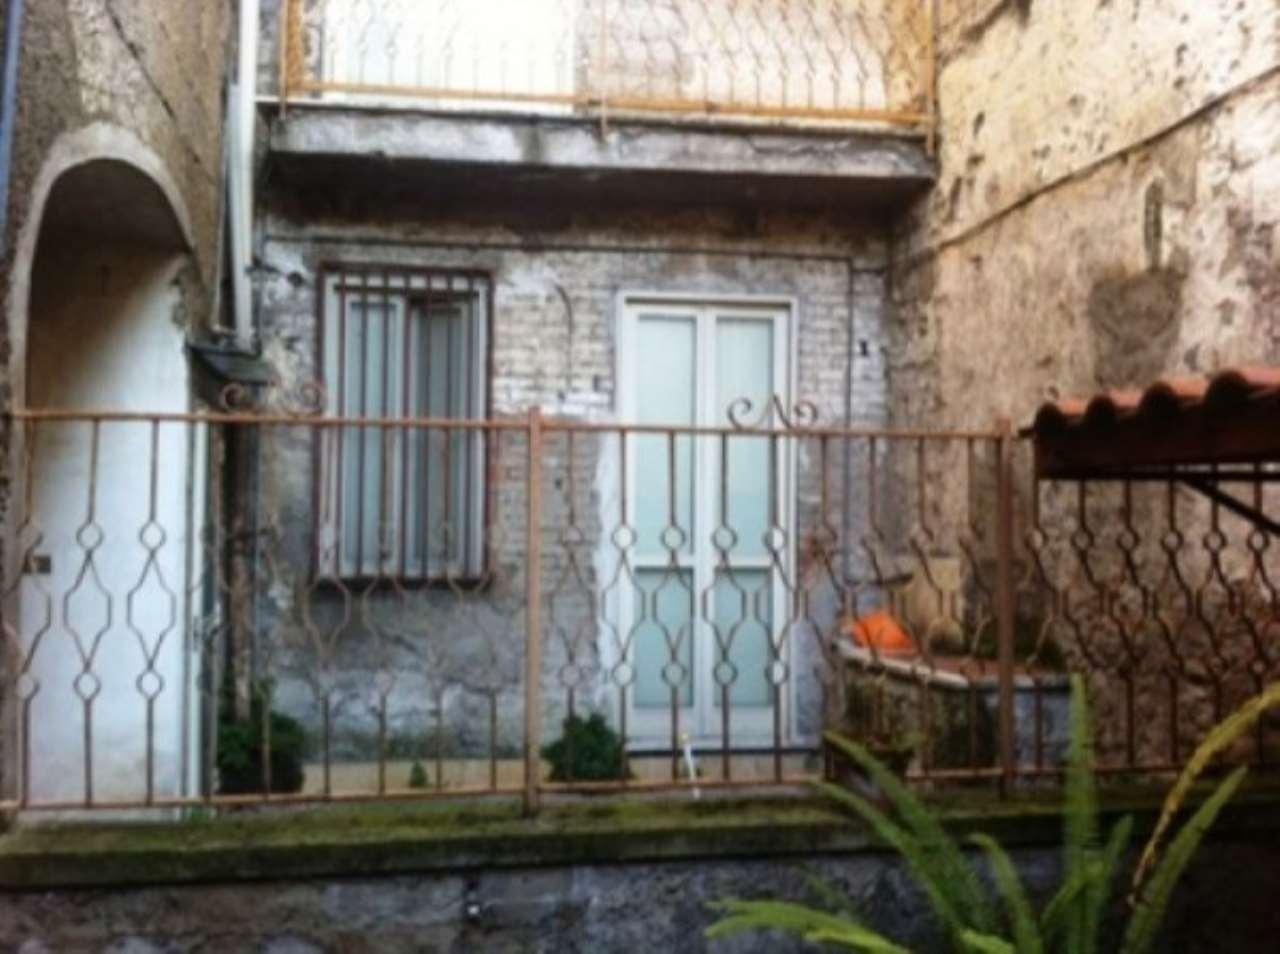 Palazzo / Stabile in vendita a Nola, 6 locali, prezzo € 700.000   CambioCasa.it